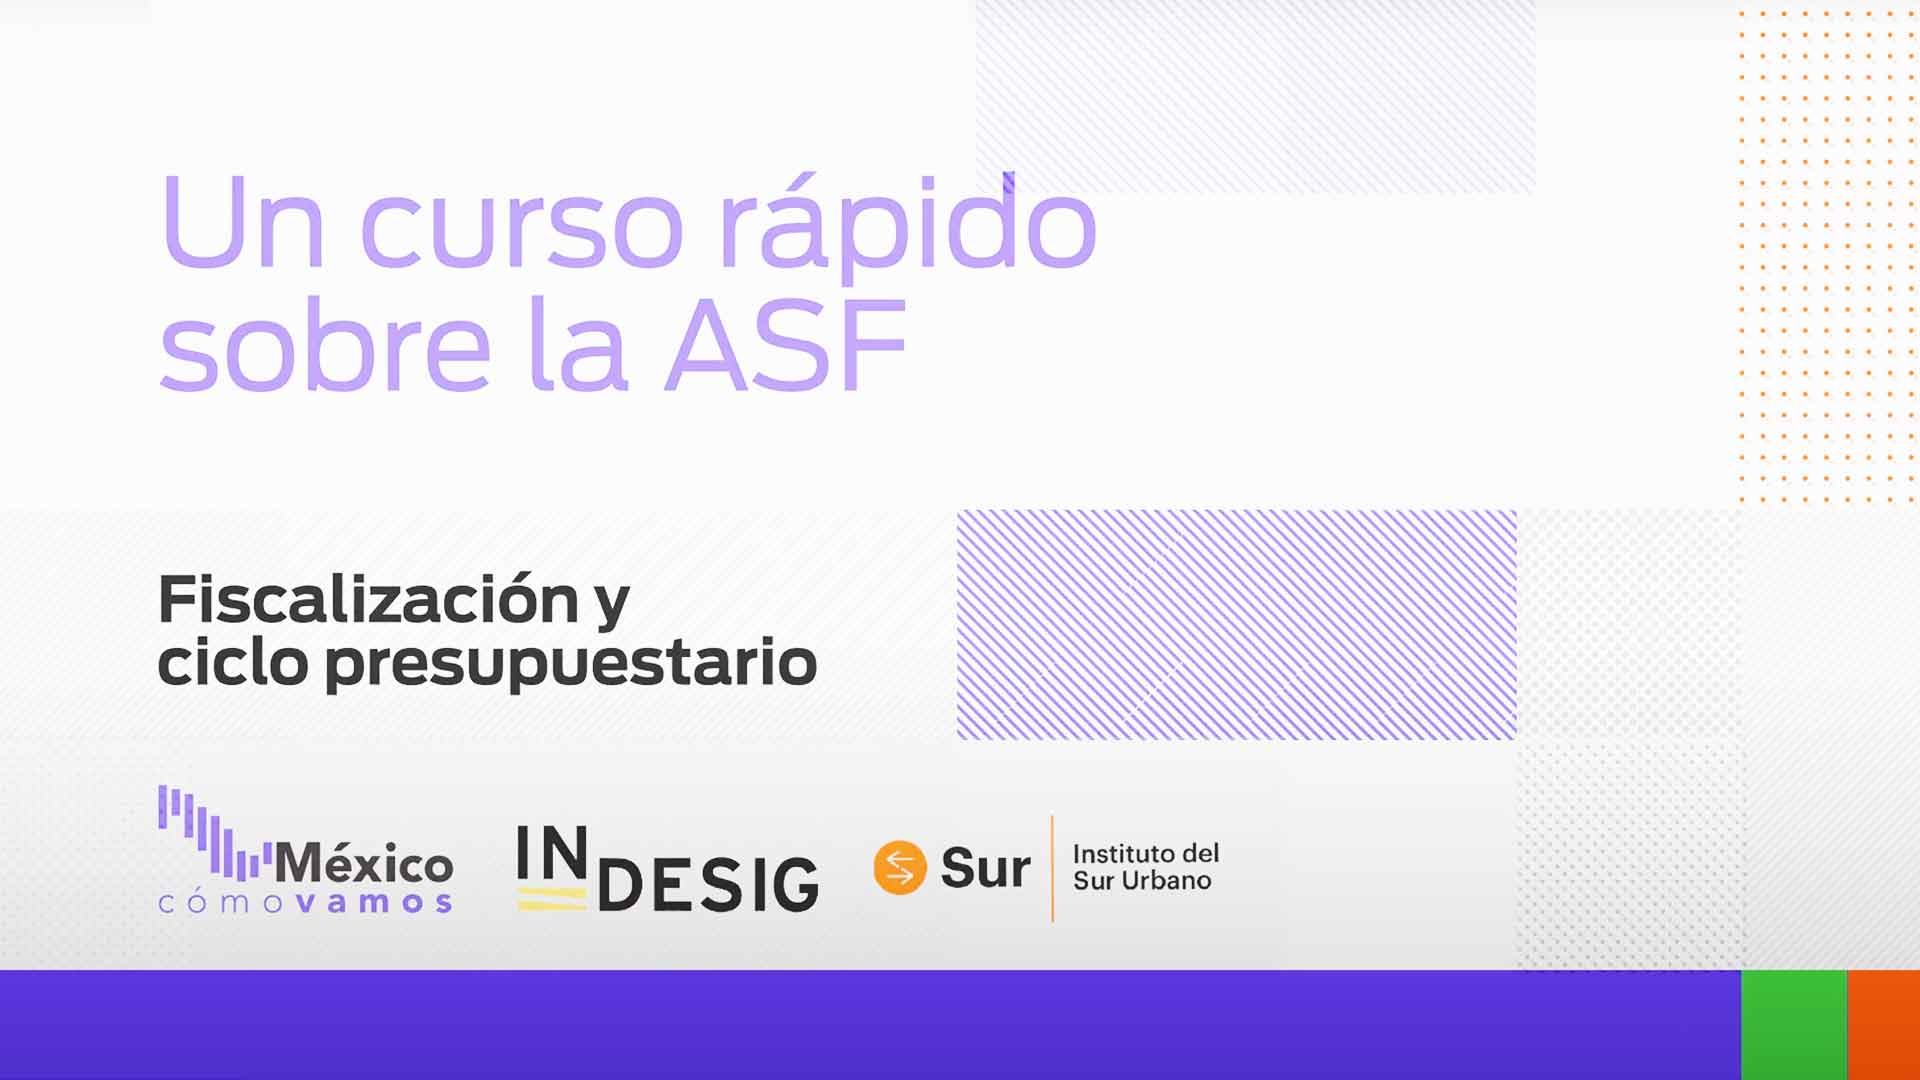 Un curso rápido sobre ASF